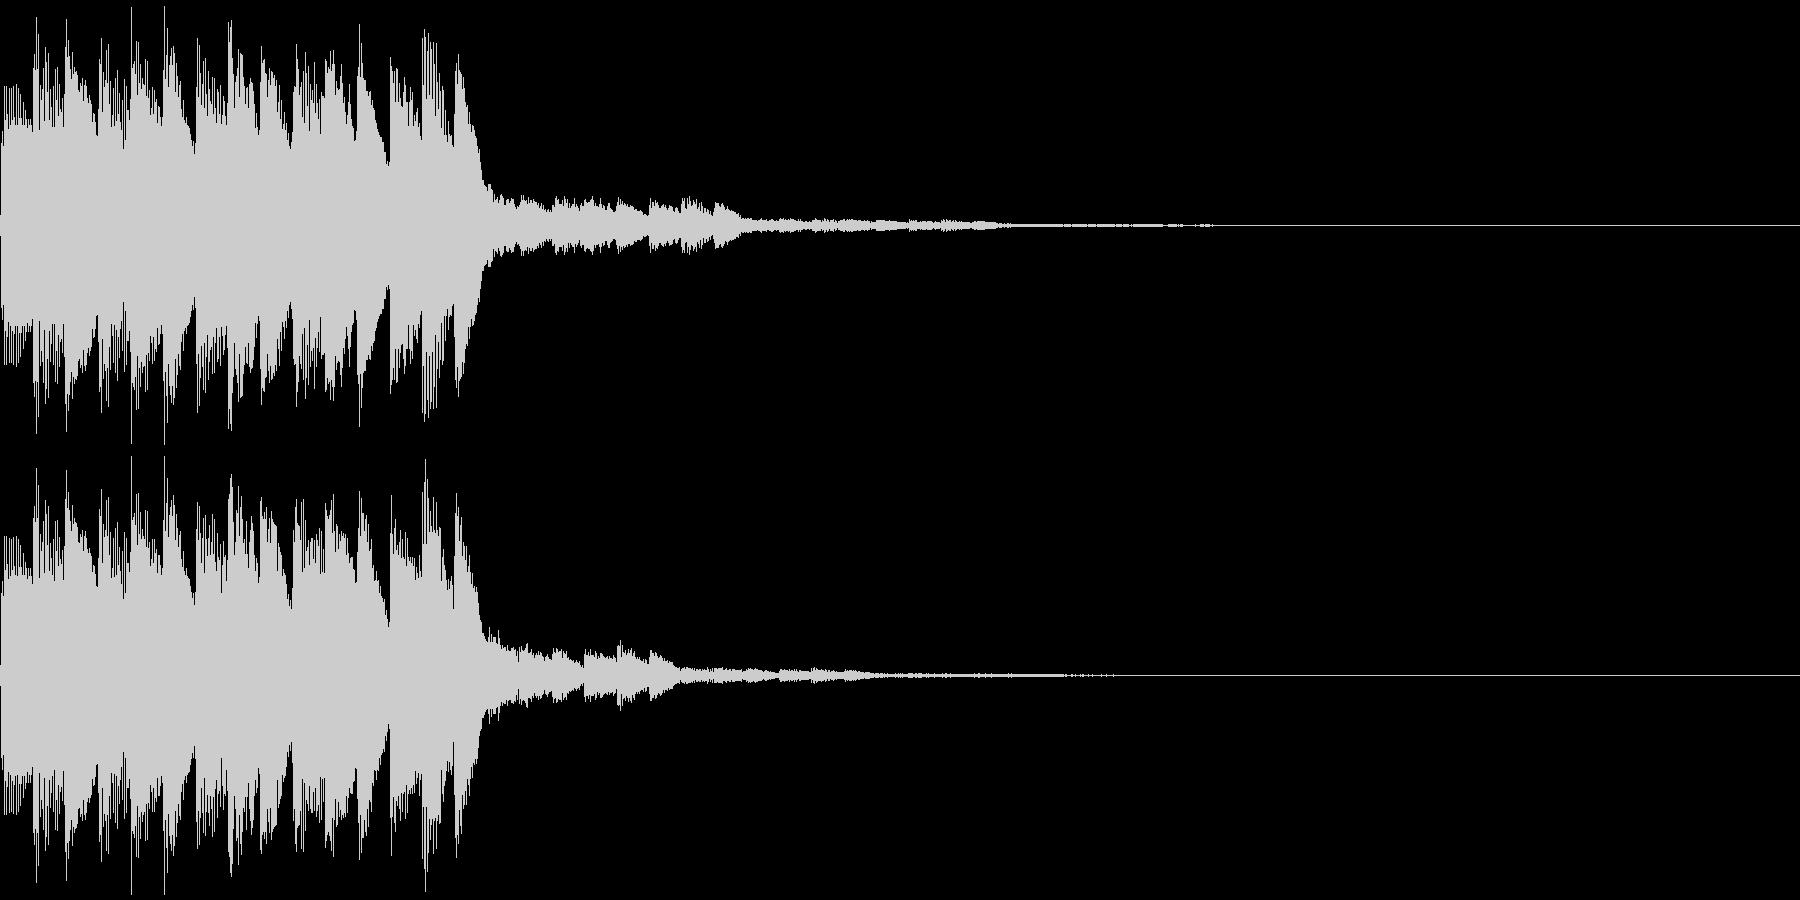 テロップ音02の未再生の波形